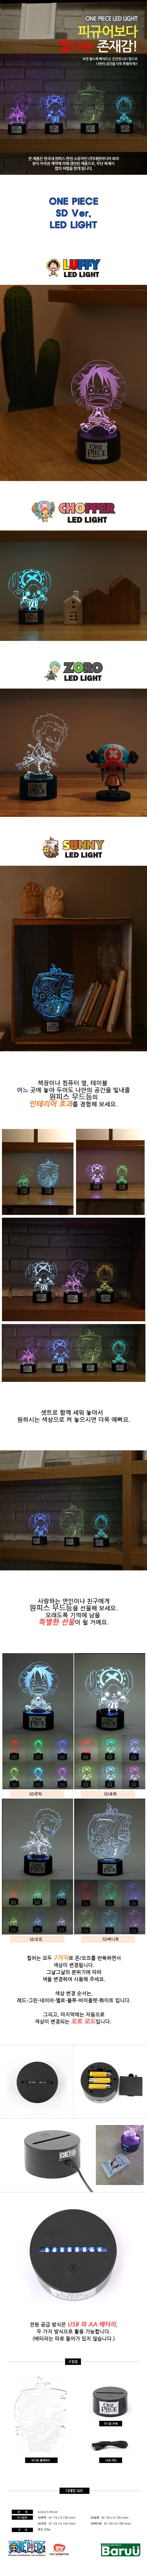 원피스 정품 SD무드등 4종 택1 - 제이앤제이, 35,000원, 아이디어 상품, 아이디어 상품